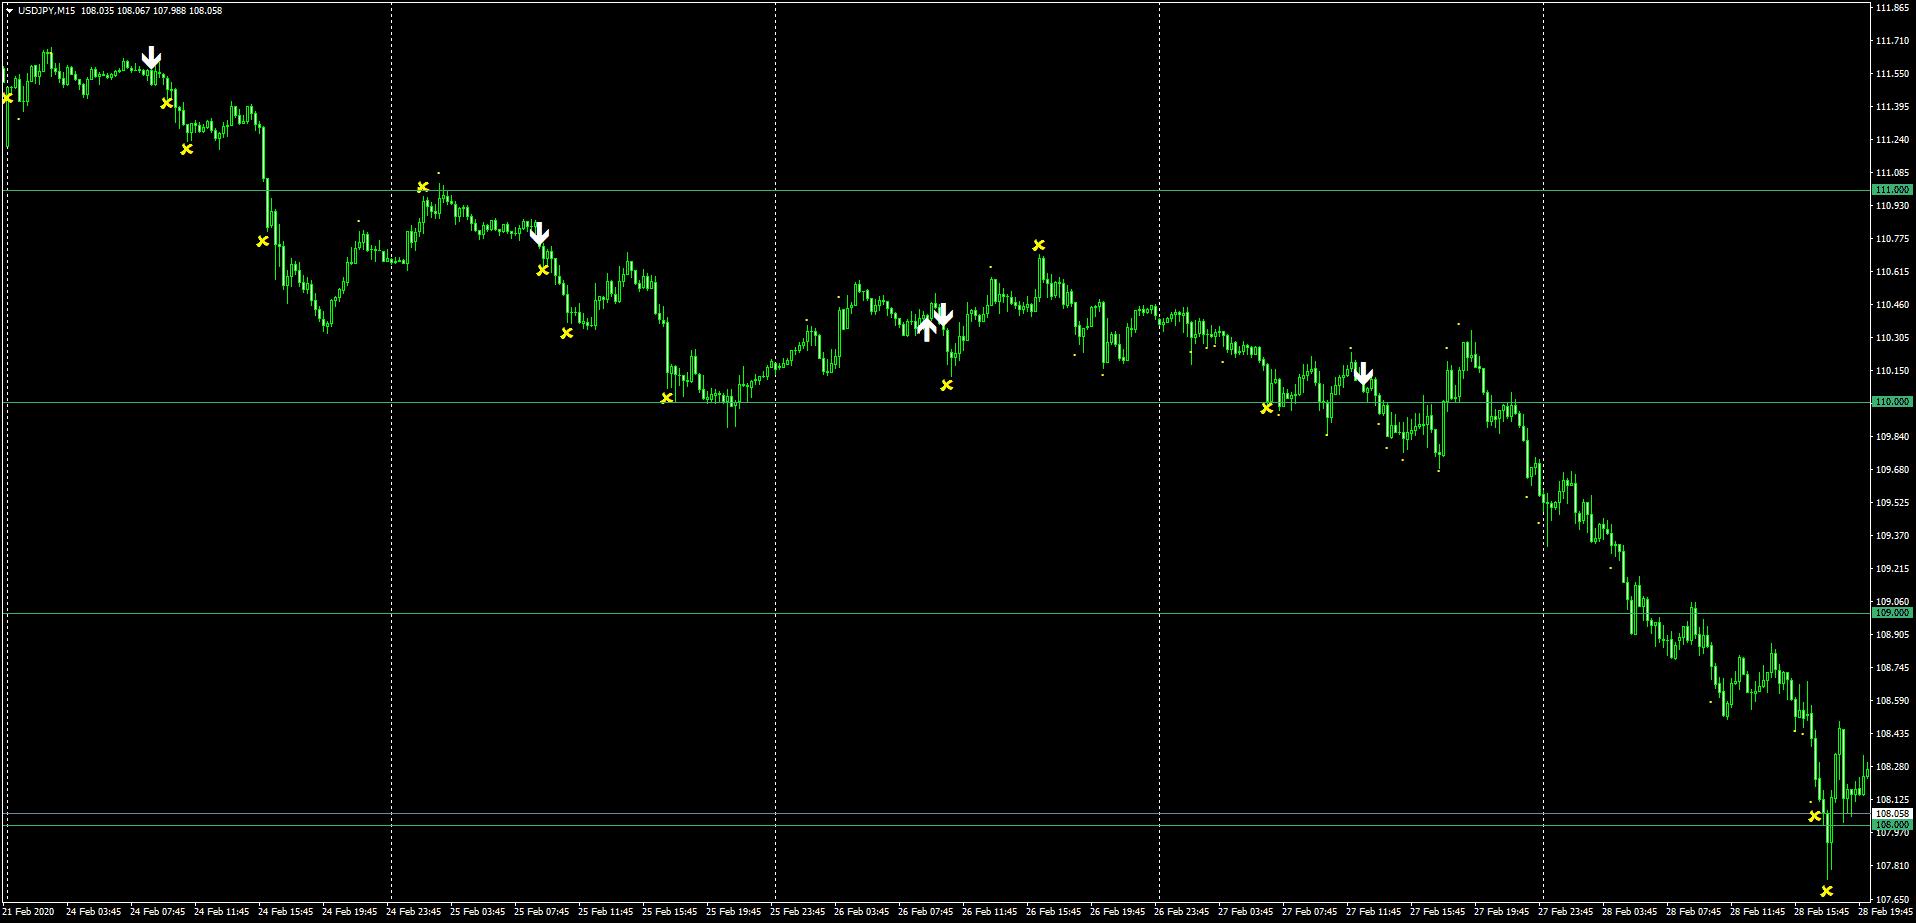 ドル円の2月24日~28日までのSindyサイン状況